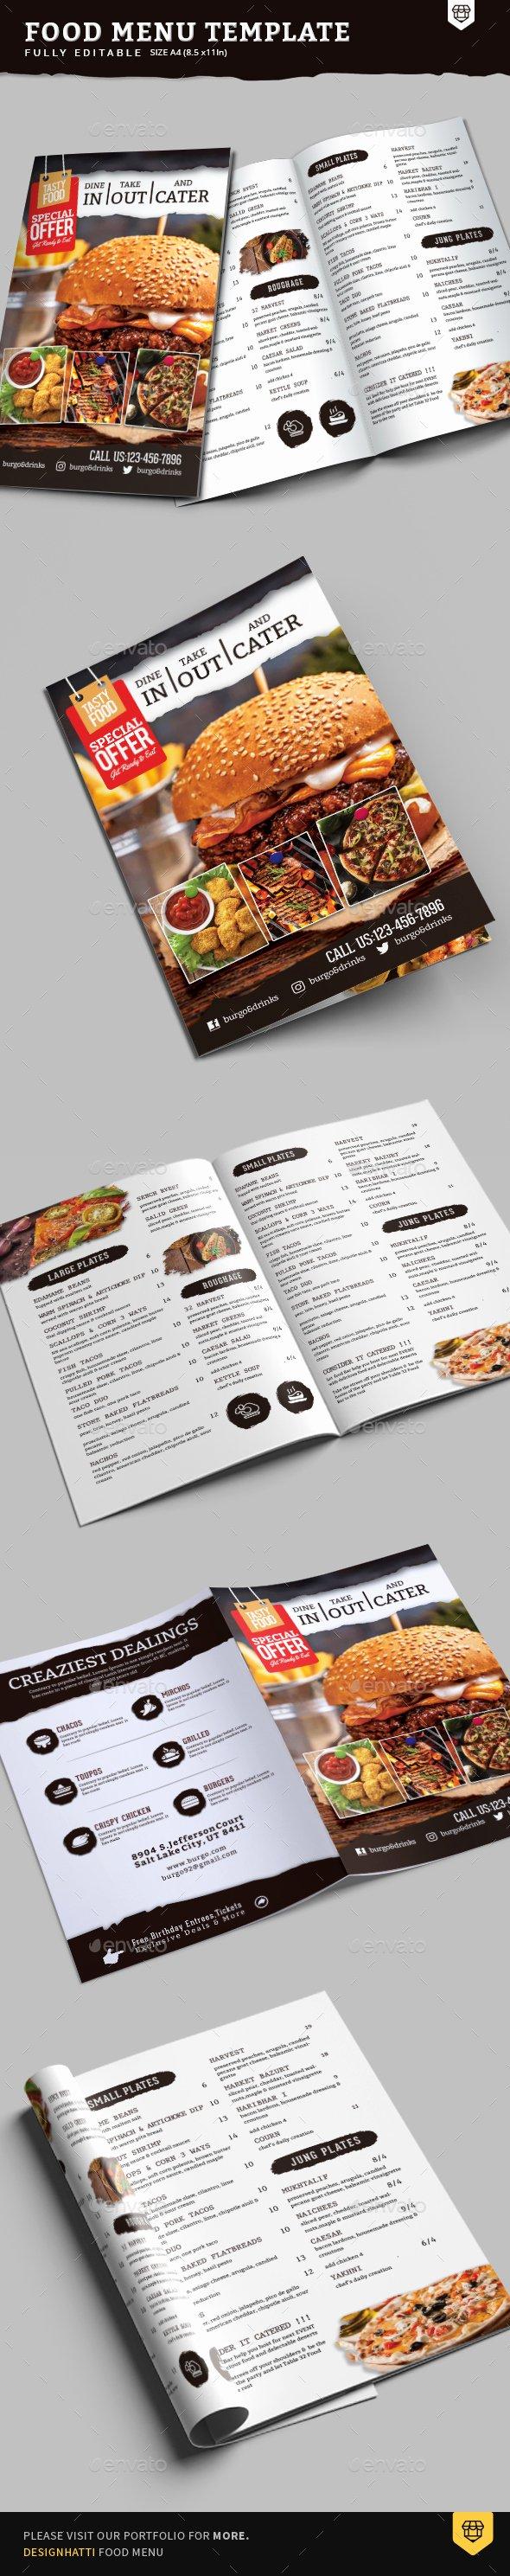 Bi Fold Menu Template Awesome A4 Bi Fold Food Menu Template by Designhatti